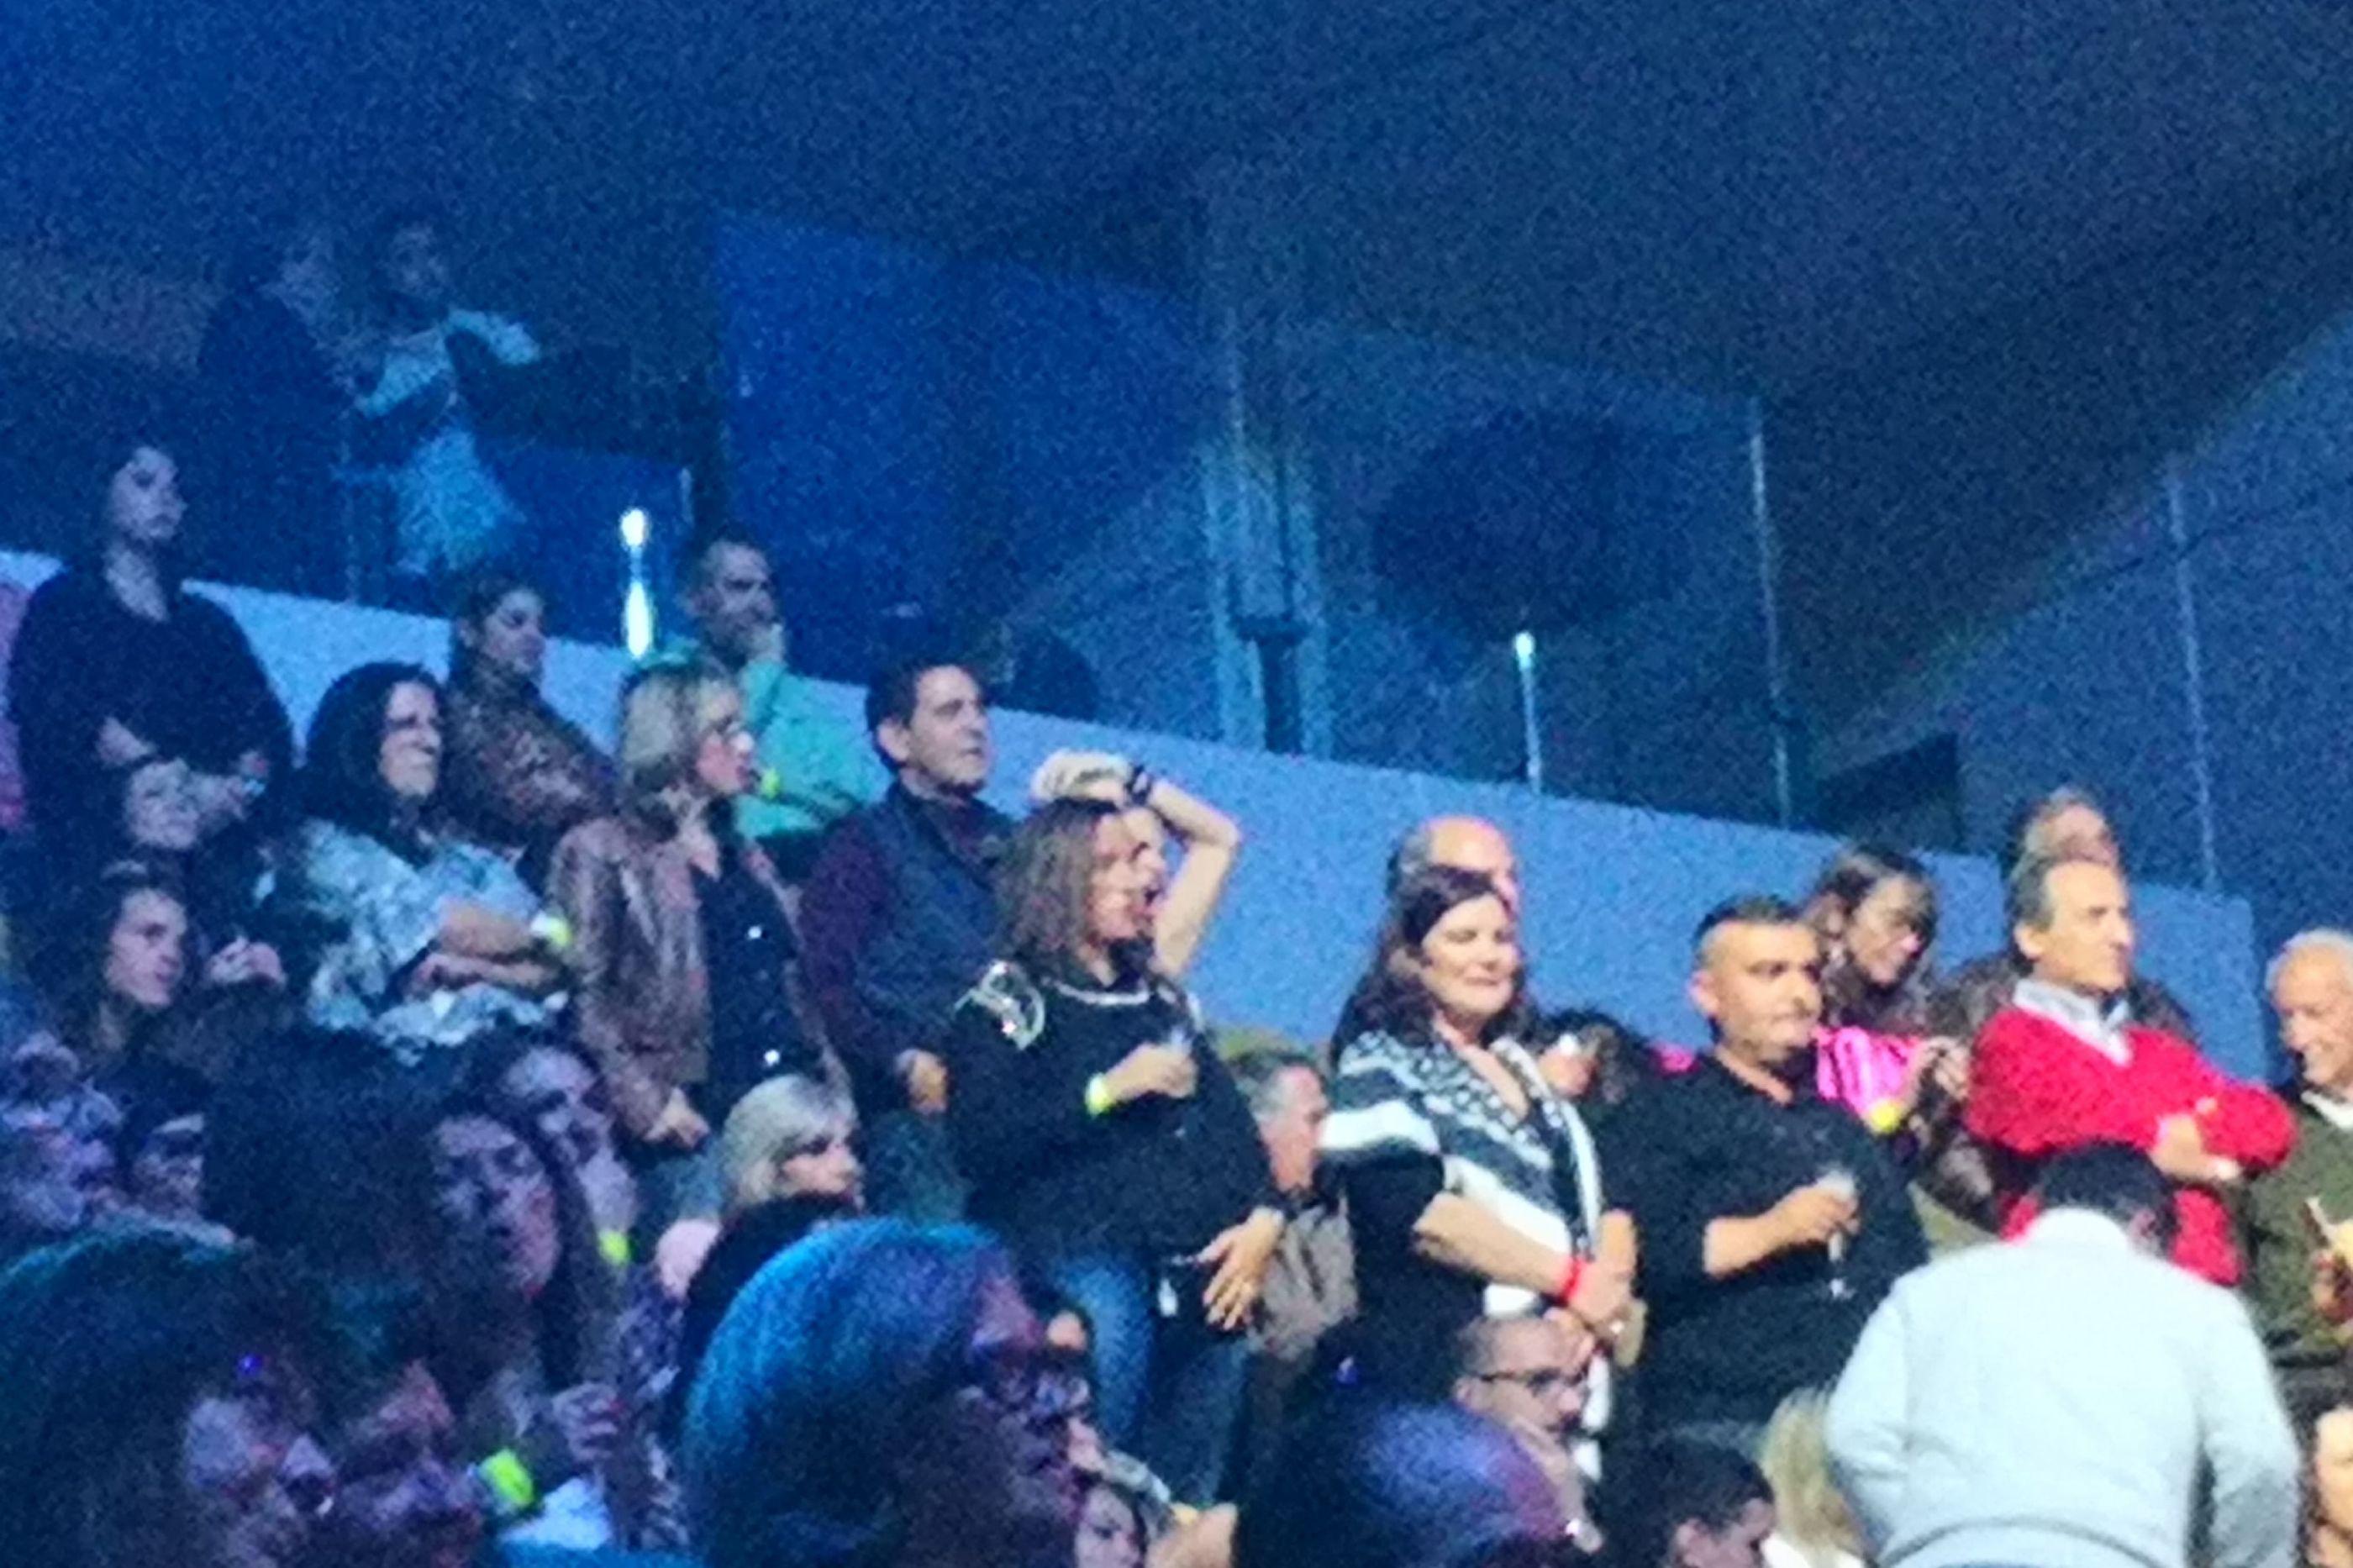 Fotos exclusivas: Dolores Aveiro 'vibra' em concerto de Tony Carreira